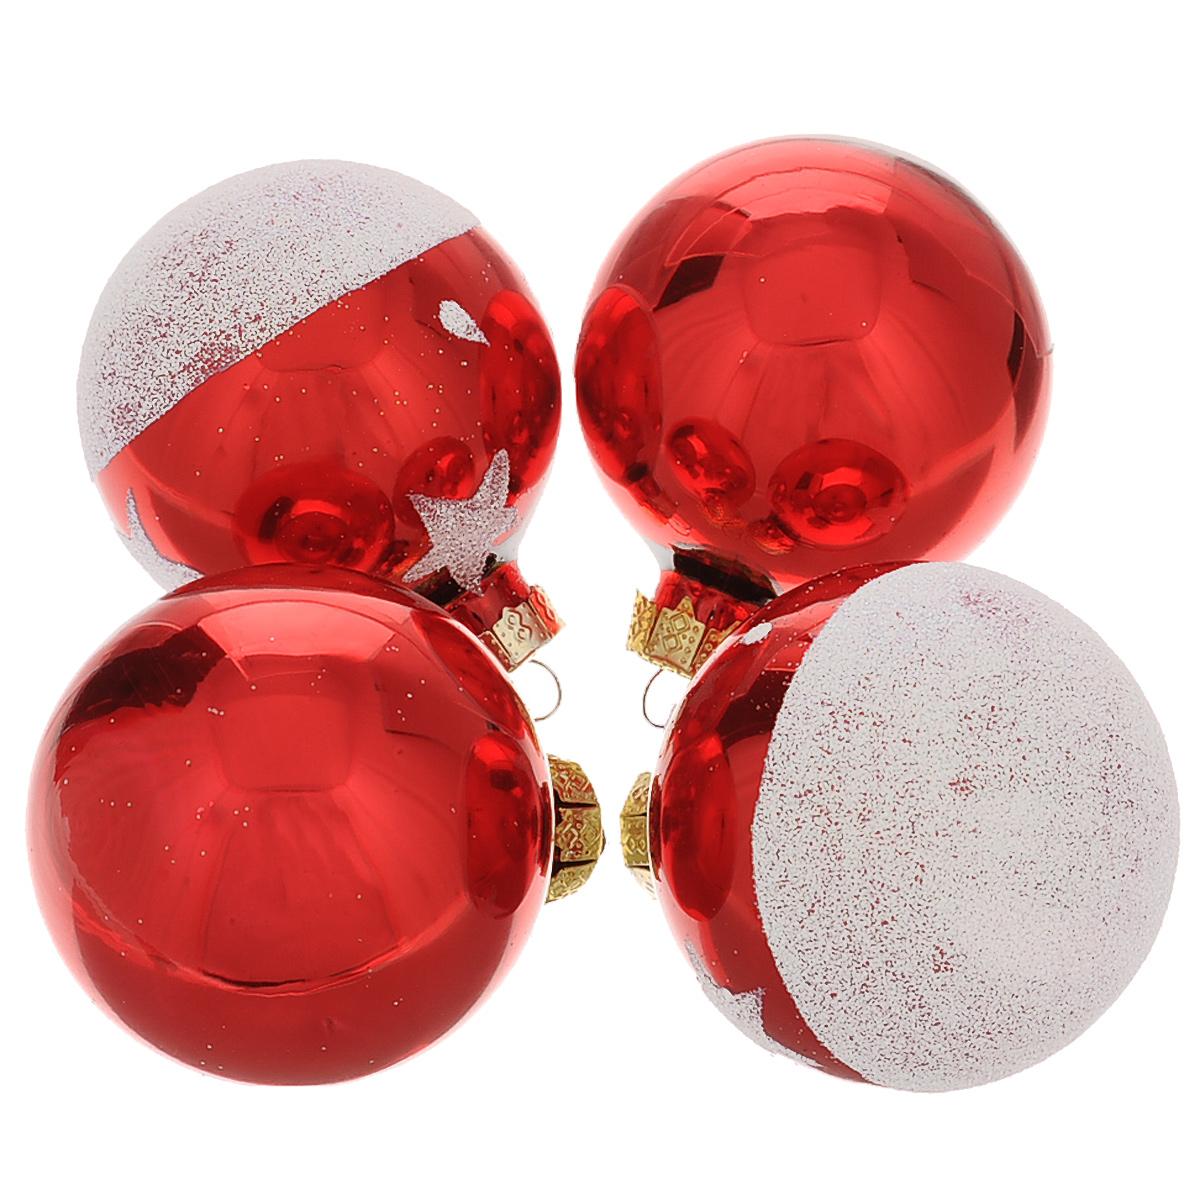 Набор новогодних подвесных украшений Шар, цвет: красный, серебристый, диаметр 6 см, 4 шт. 3449934499Набор новогодних подвесных украшений Шар прекрасно подойдет для праздничного декора новогодней ели. Состоит из четырех шаров. Елочная игрушка - символ Нового года. Она несет в себе волшебство и красоту праздника. Создайте в своем доме атмосферу веселья и радости, украшая новогоднюю елку нарядными игрушками, которые будут из года в год накапливать теплоту воспоминаний. Коллекция декоративных украшений принесет в ваш дом ни с чем несравнимое ощущение волшебства! Откройте для себя удивительный мир сказок и грез. Почувствуйте волшебные минуты ожидания праздника, создайте новогоднее настроение вашим дорогим и близким.